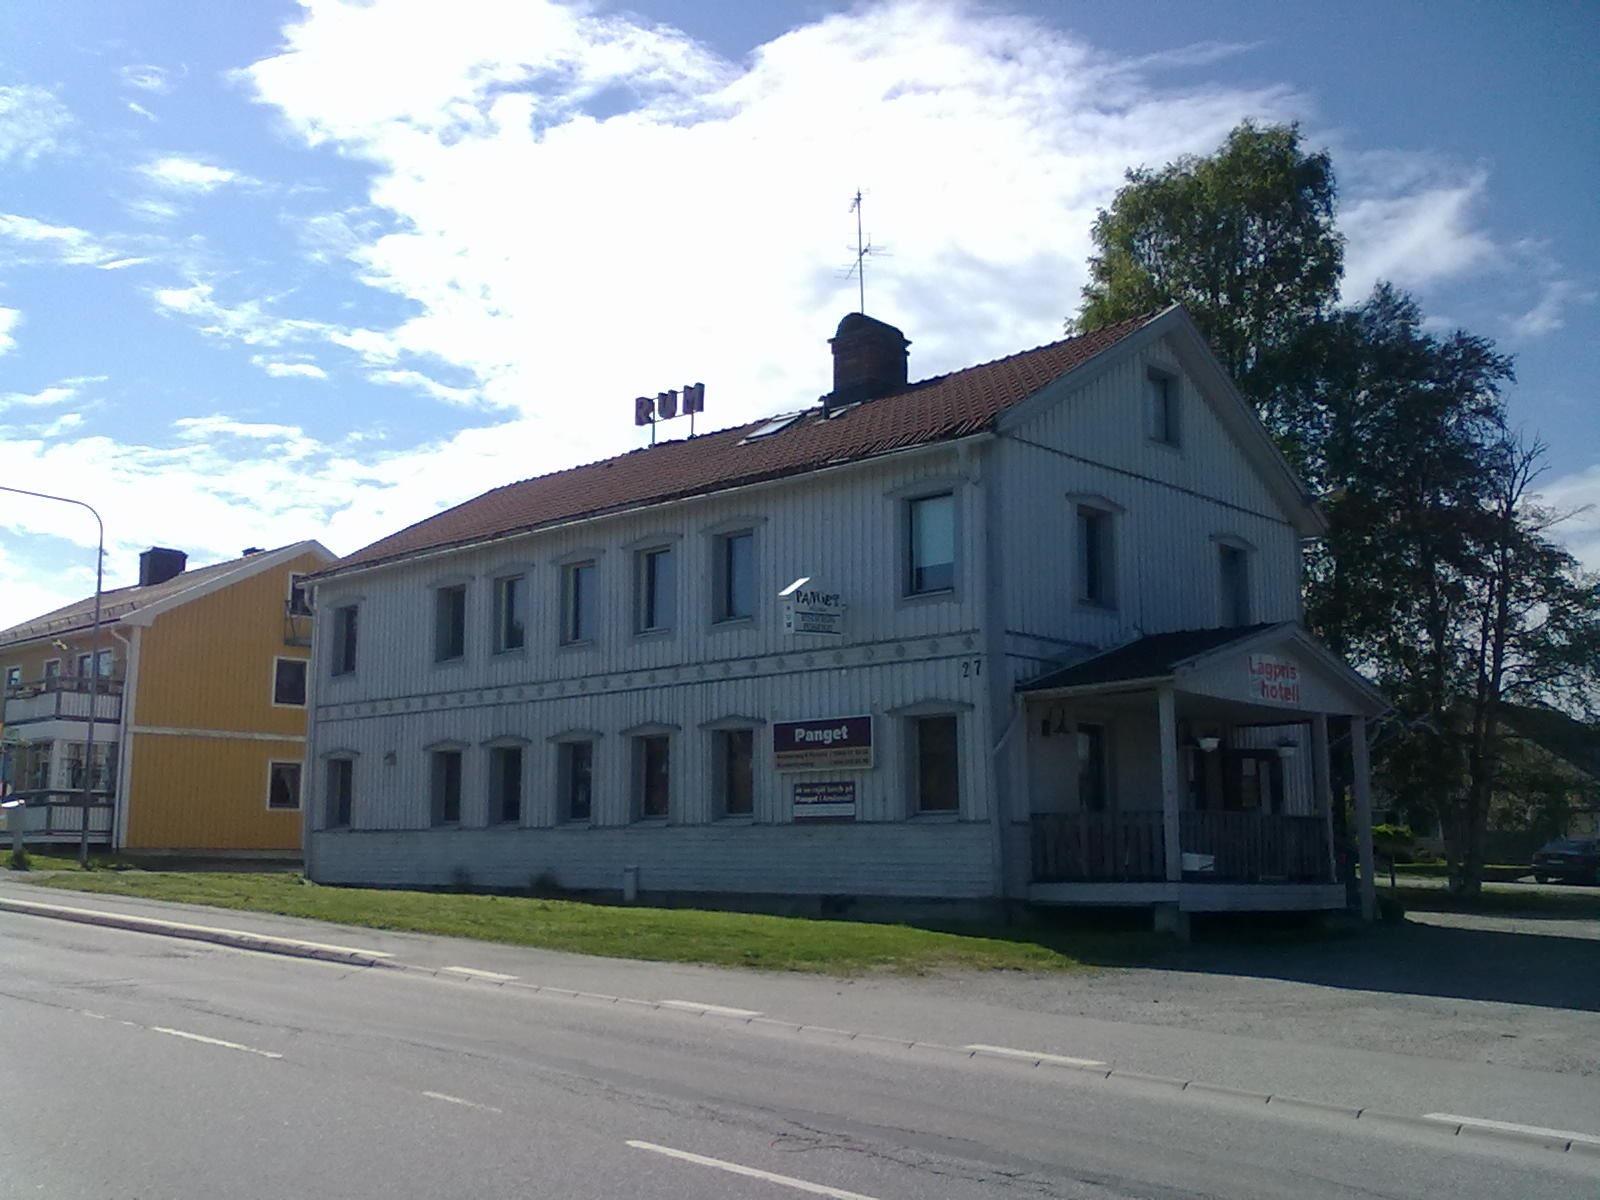 Panget Restaurang & Hotell